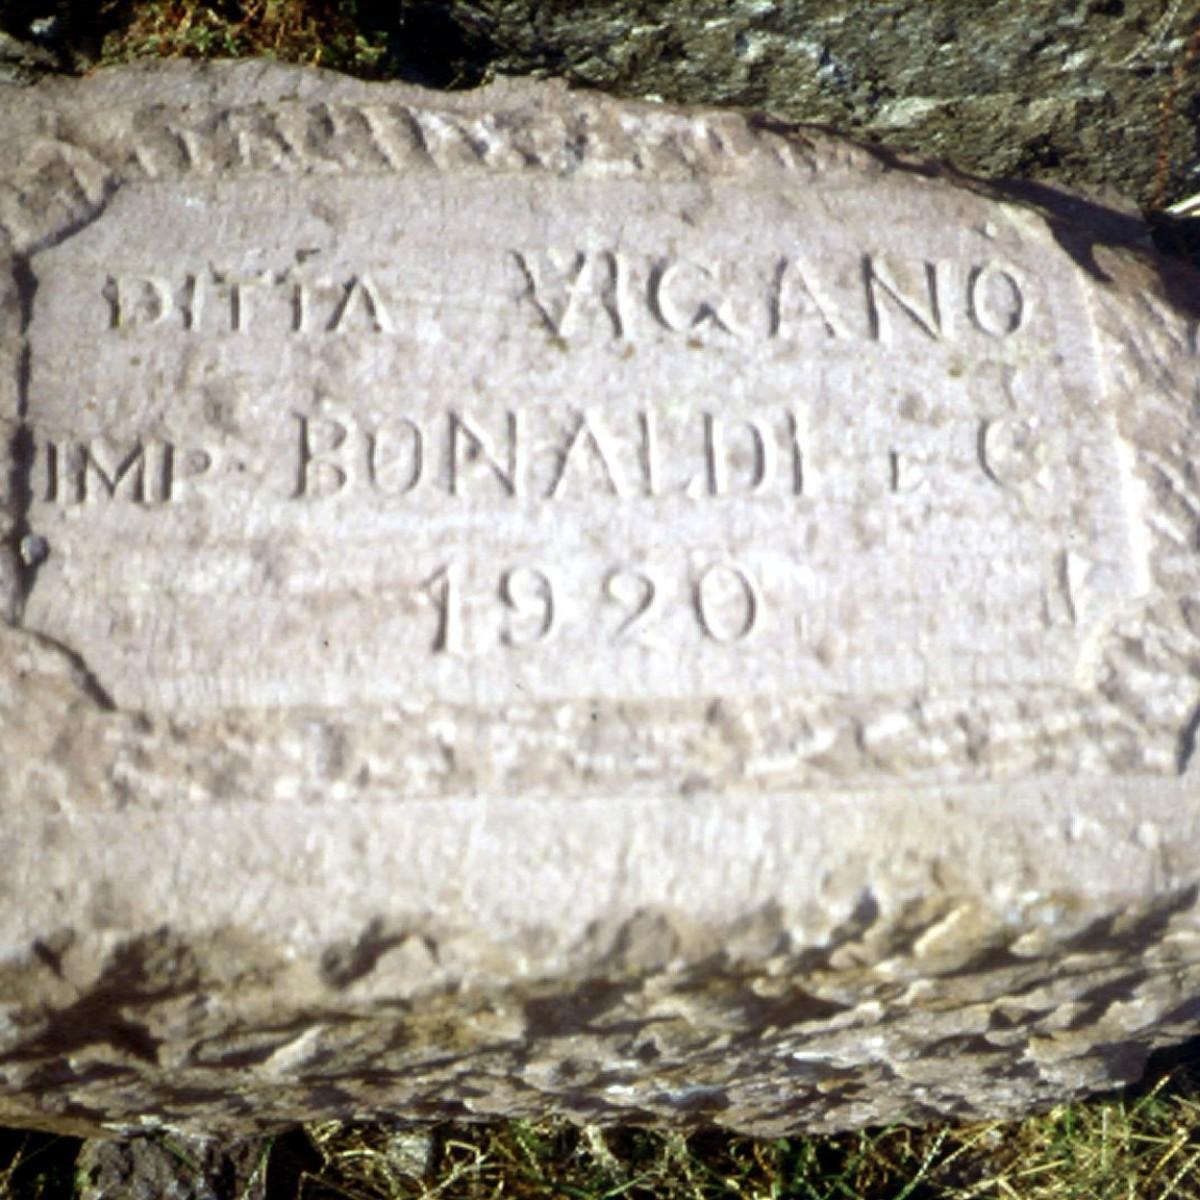 Pietra utilizzata per la costruzione della diga